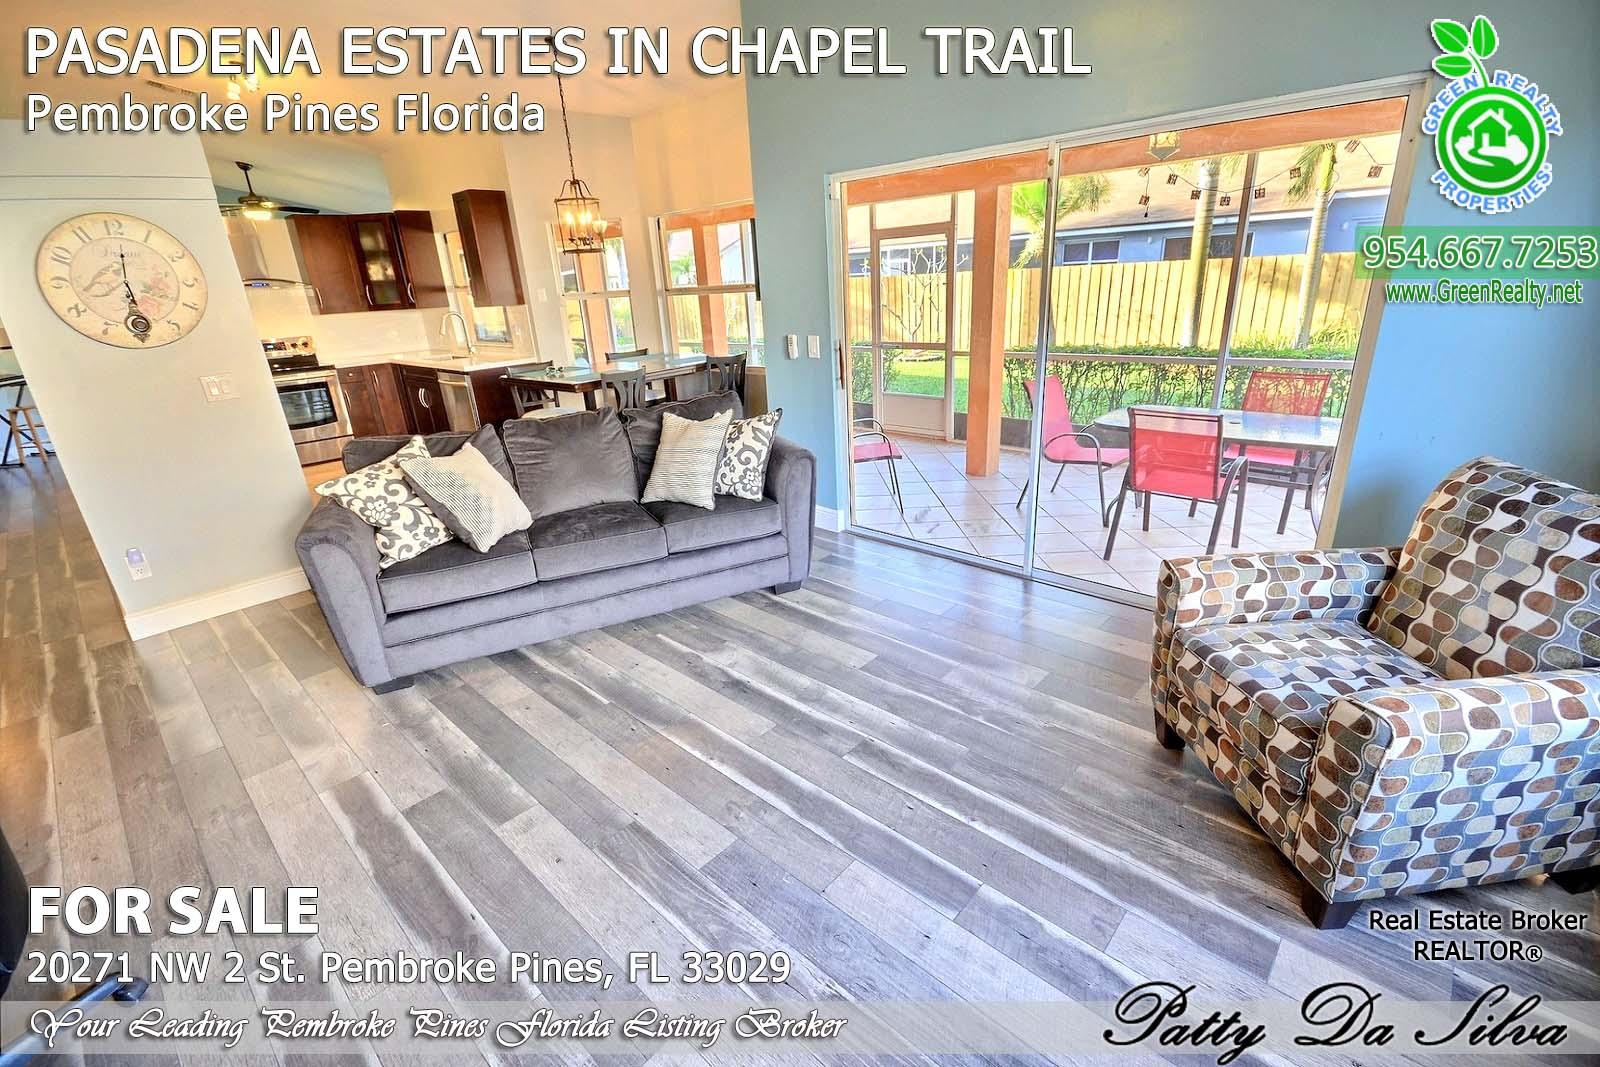 Pasadena Estates of Chapel Trail - Pembroke Pines FL (23)